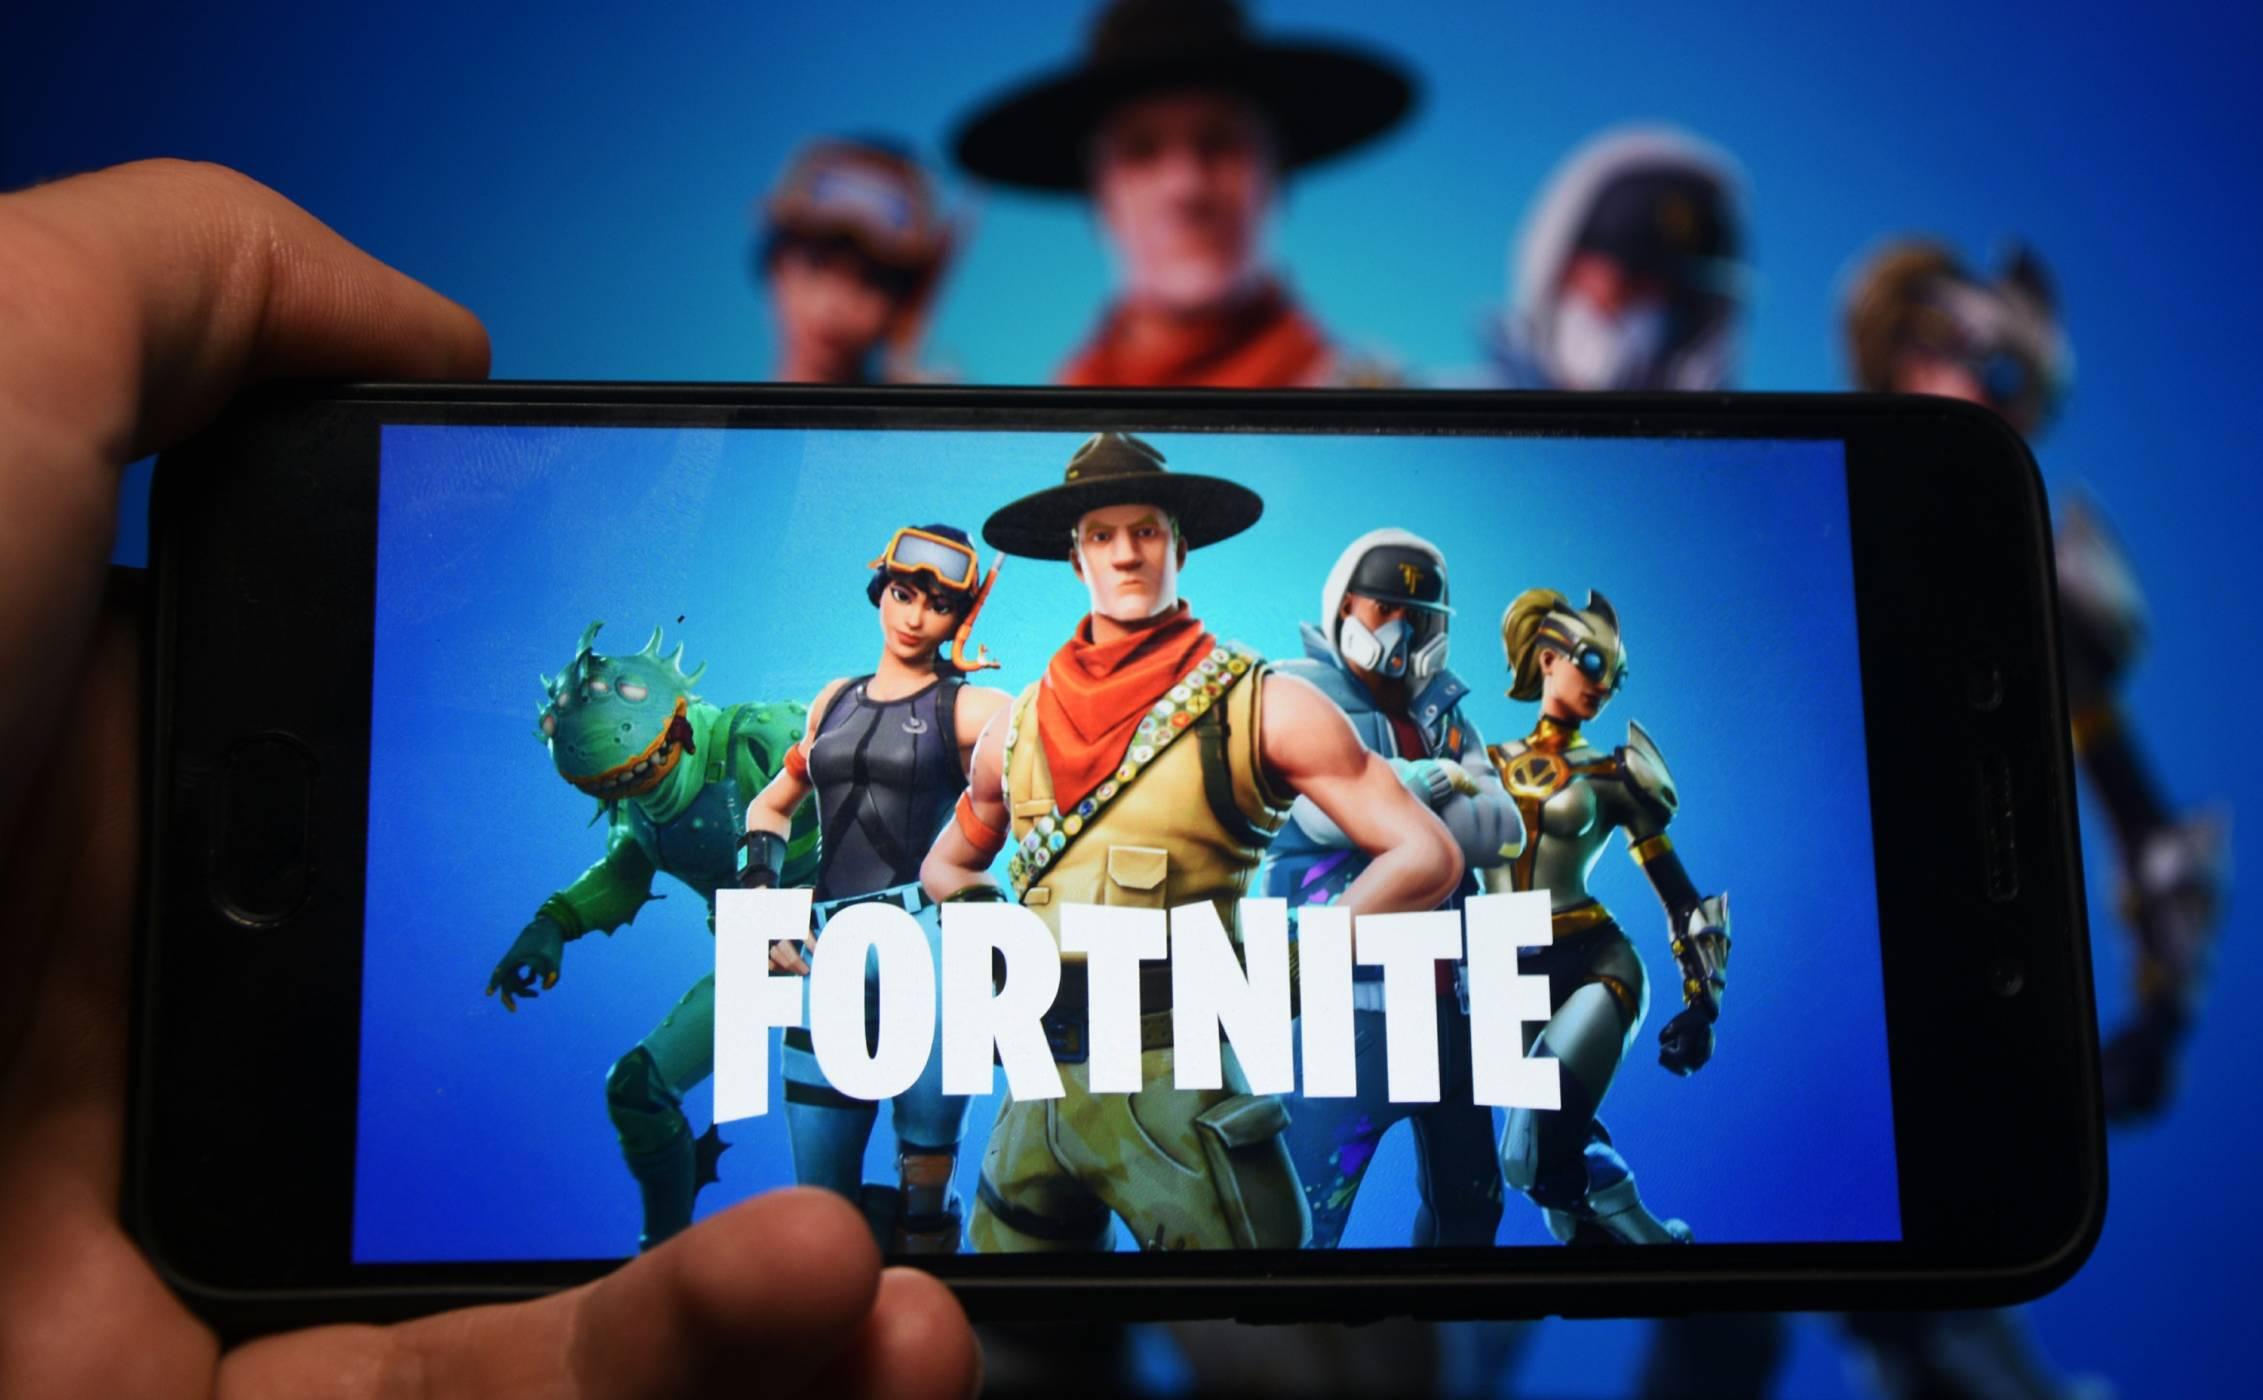 Fortnite се опита да оспори монопола на Apple и Google и моментално бе премахната от App Store и Google Play